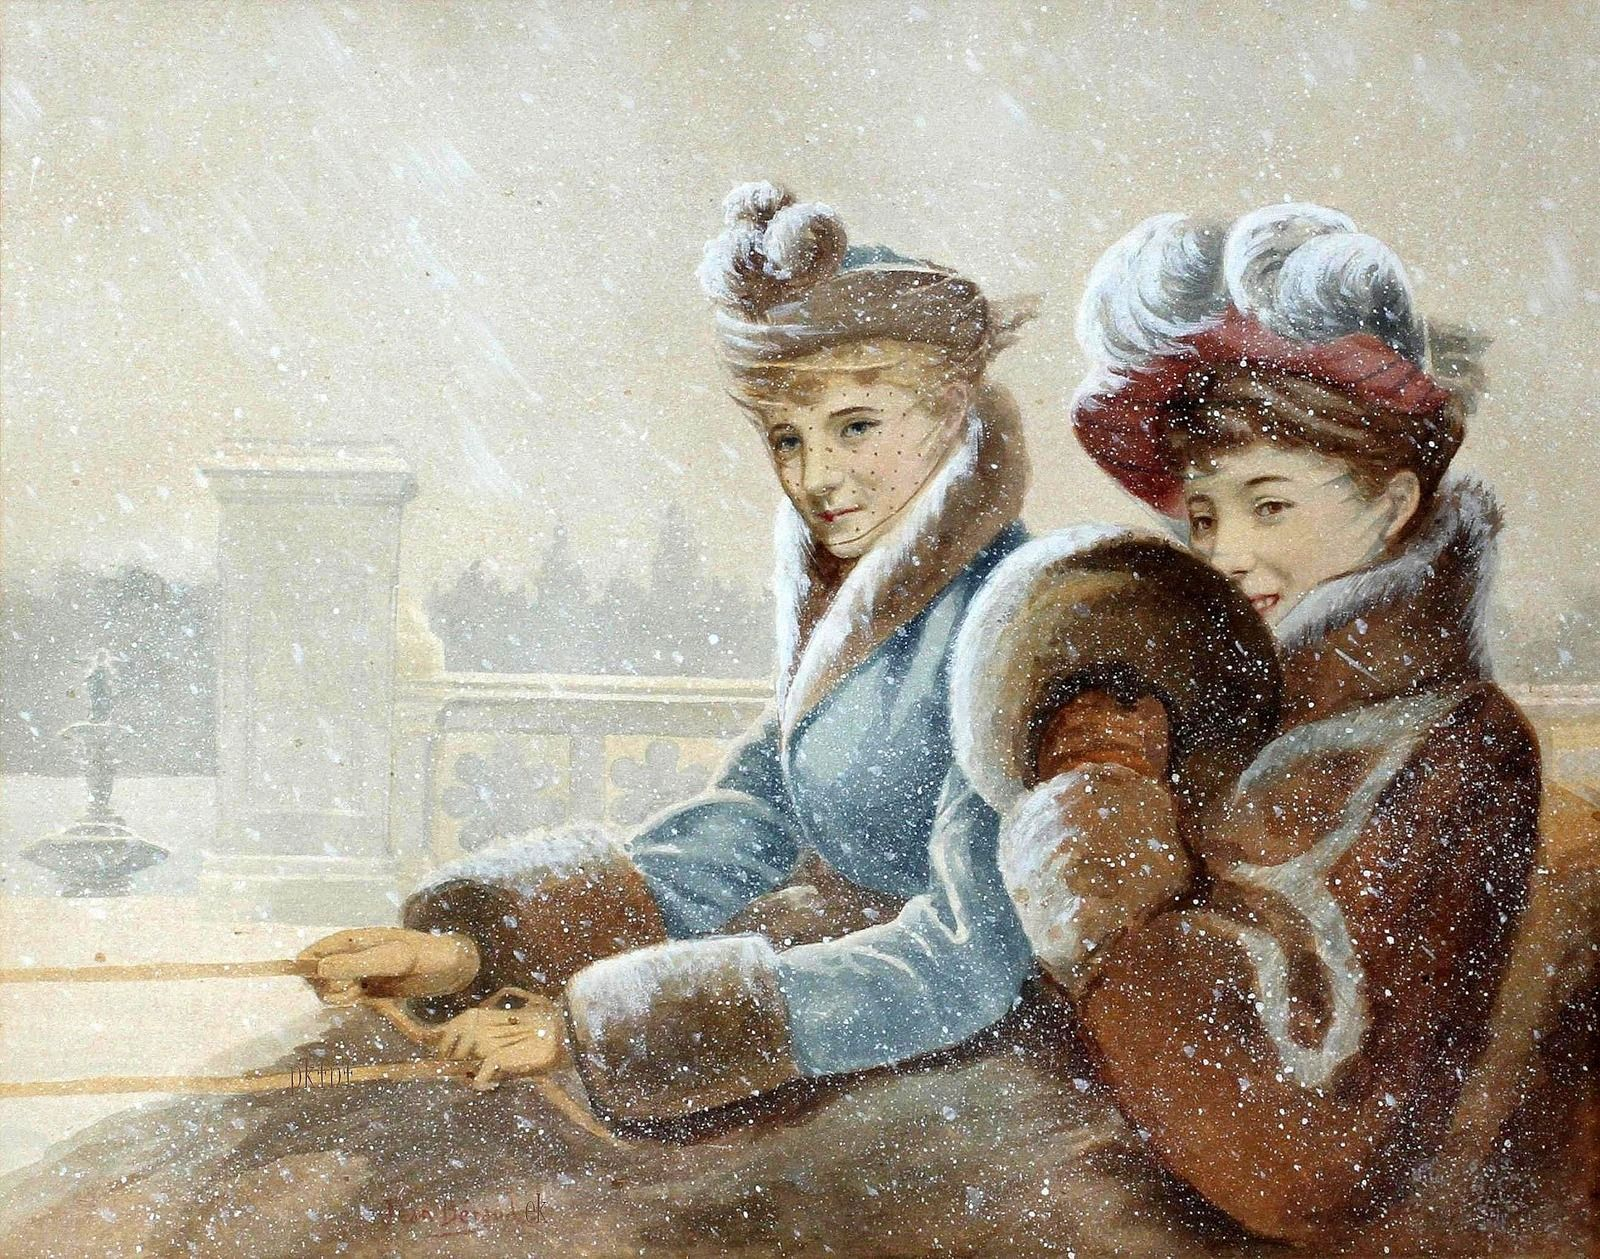 внимание винтажные картинки зима при